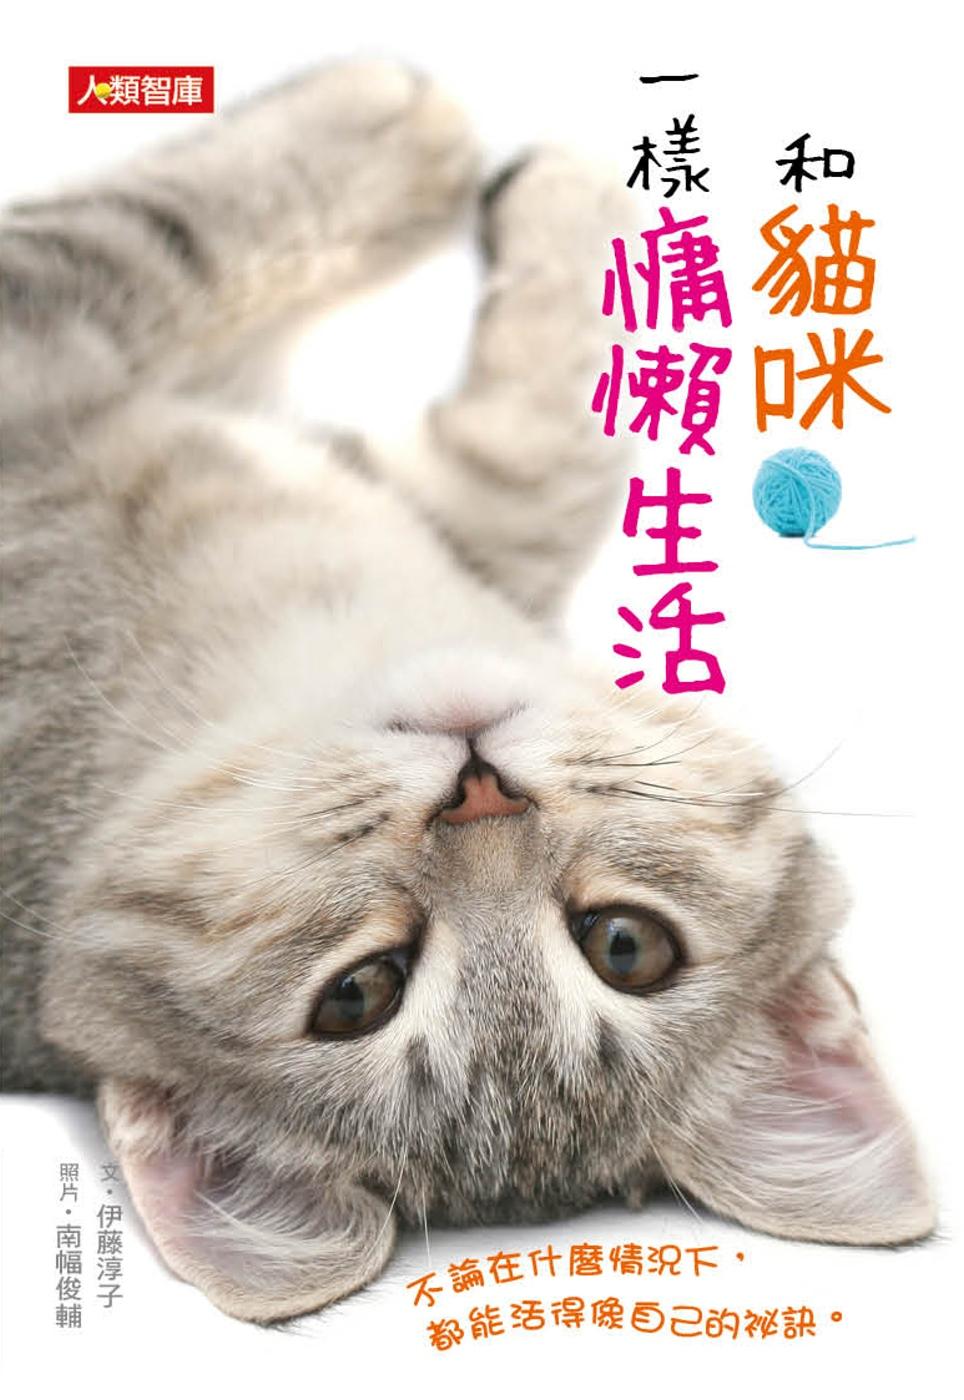 和貓咪一樣慵懶生活